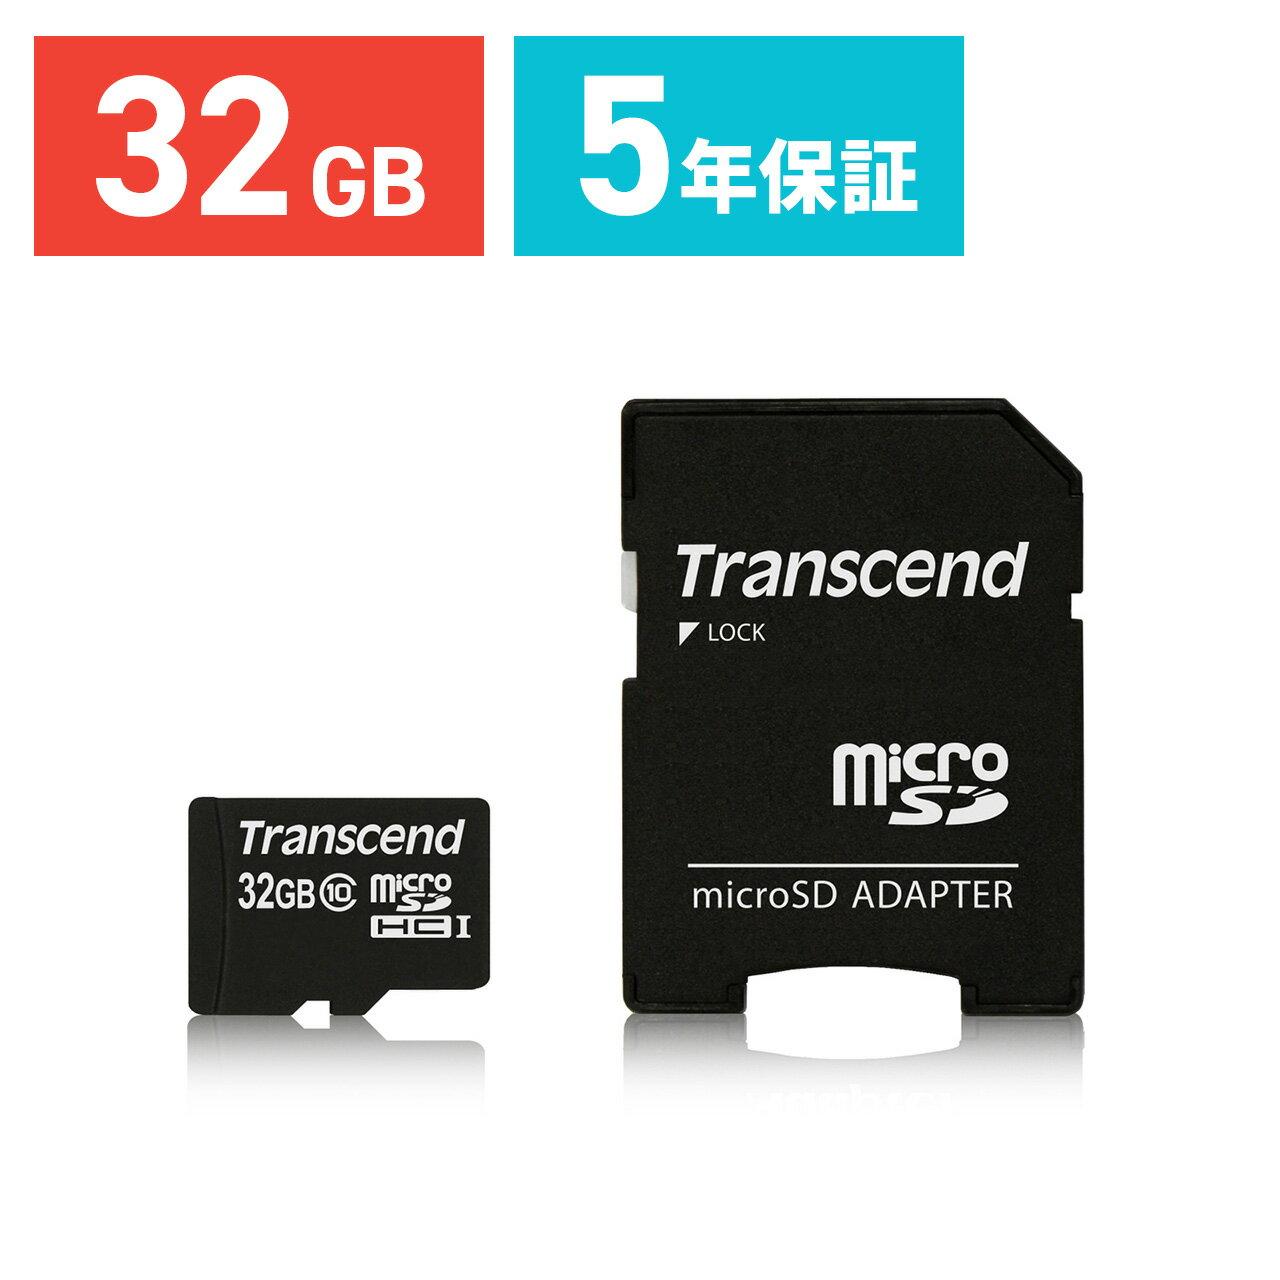 【1月17日値下げしました】Transcend microSDカード 32GB Class10 5年保証 マイクロSD microSDHC SDアダプター付 New 3DS対応 クラス10 スマホ SD 入学 卒業[TS32GUSDHC10]【ネコポス専用】【今だけ送料無料!】